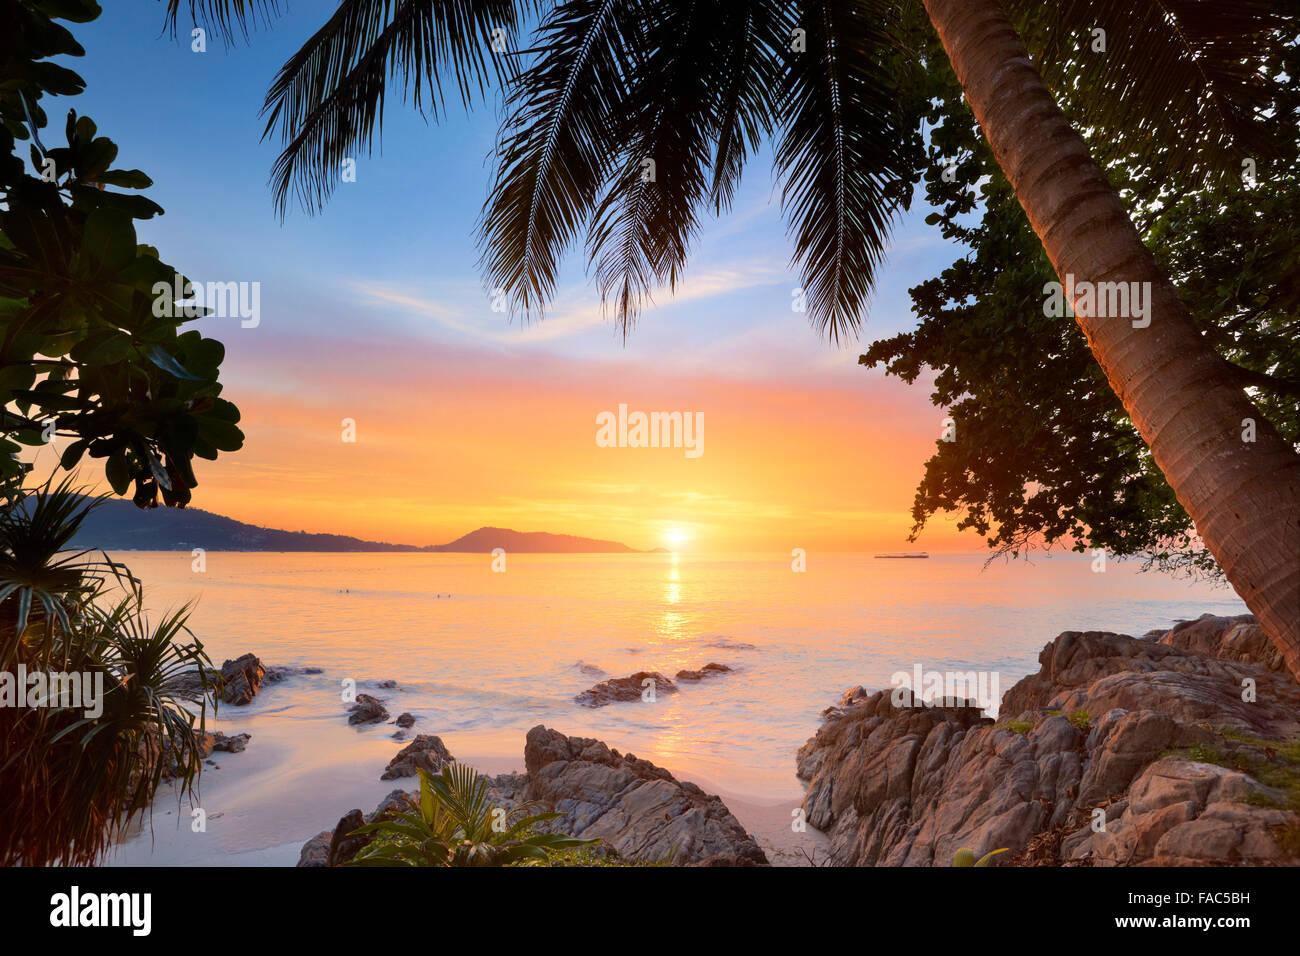 Thailand - Insel Phuket, Patong Beach, tropischen Sonnenuntergang Zeit Landschaft Stockbild